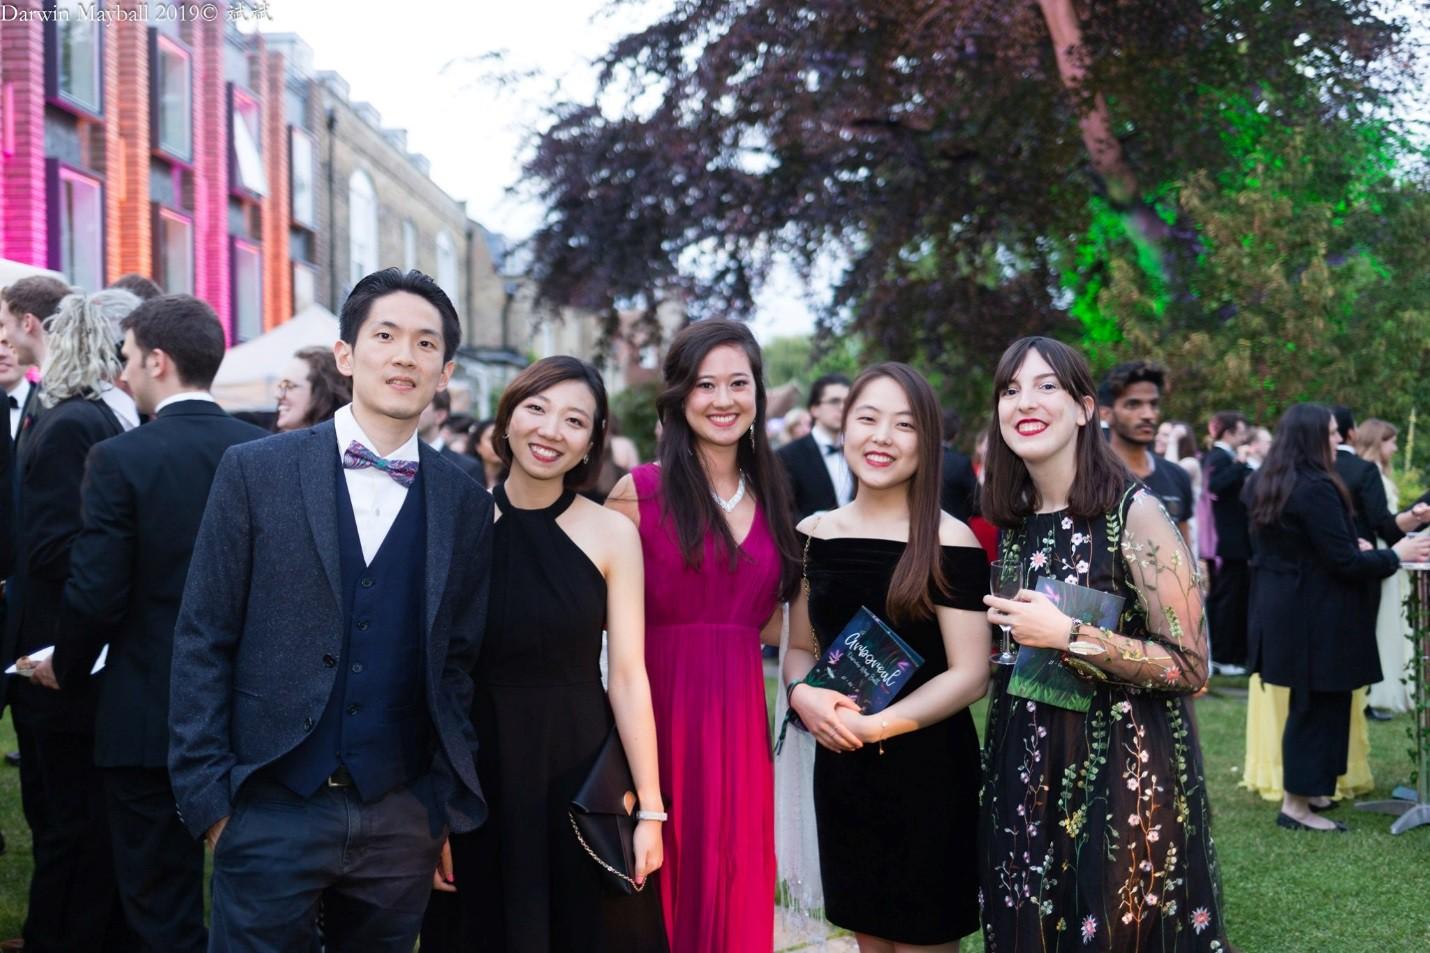 Học đại học công, theo đuổi giấc mơ du học châu Âu tại ĐH Khoa học và Công nghệ Hà Nội (USTH) - Ảnh 1.